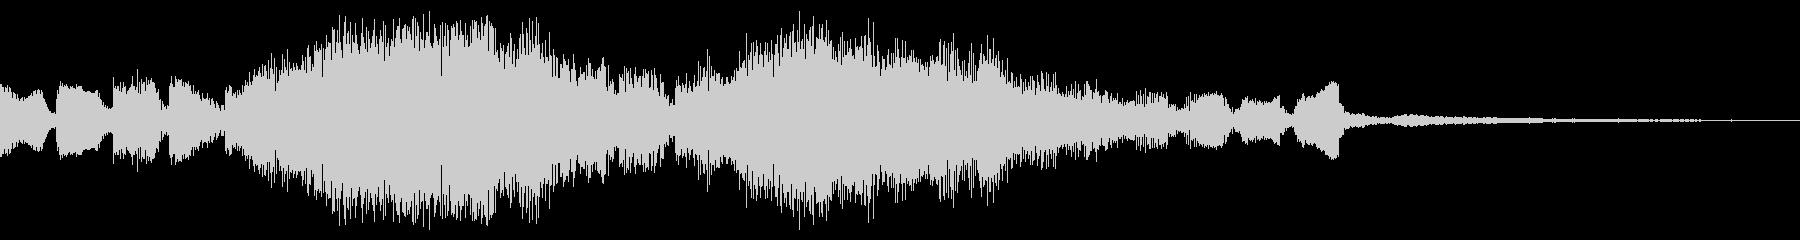 移動系のサウンドの未再生の波形